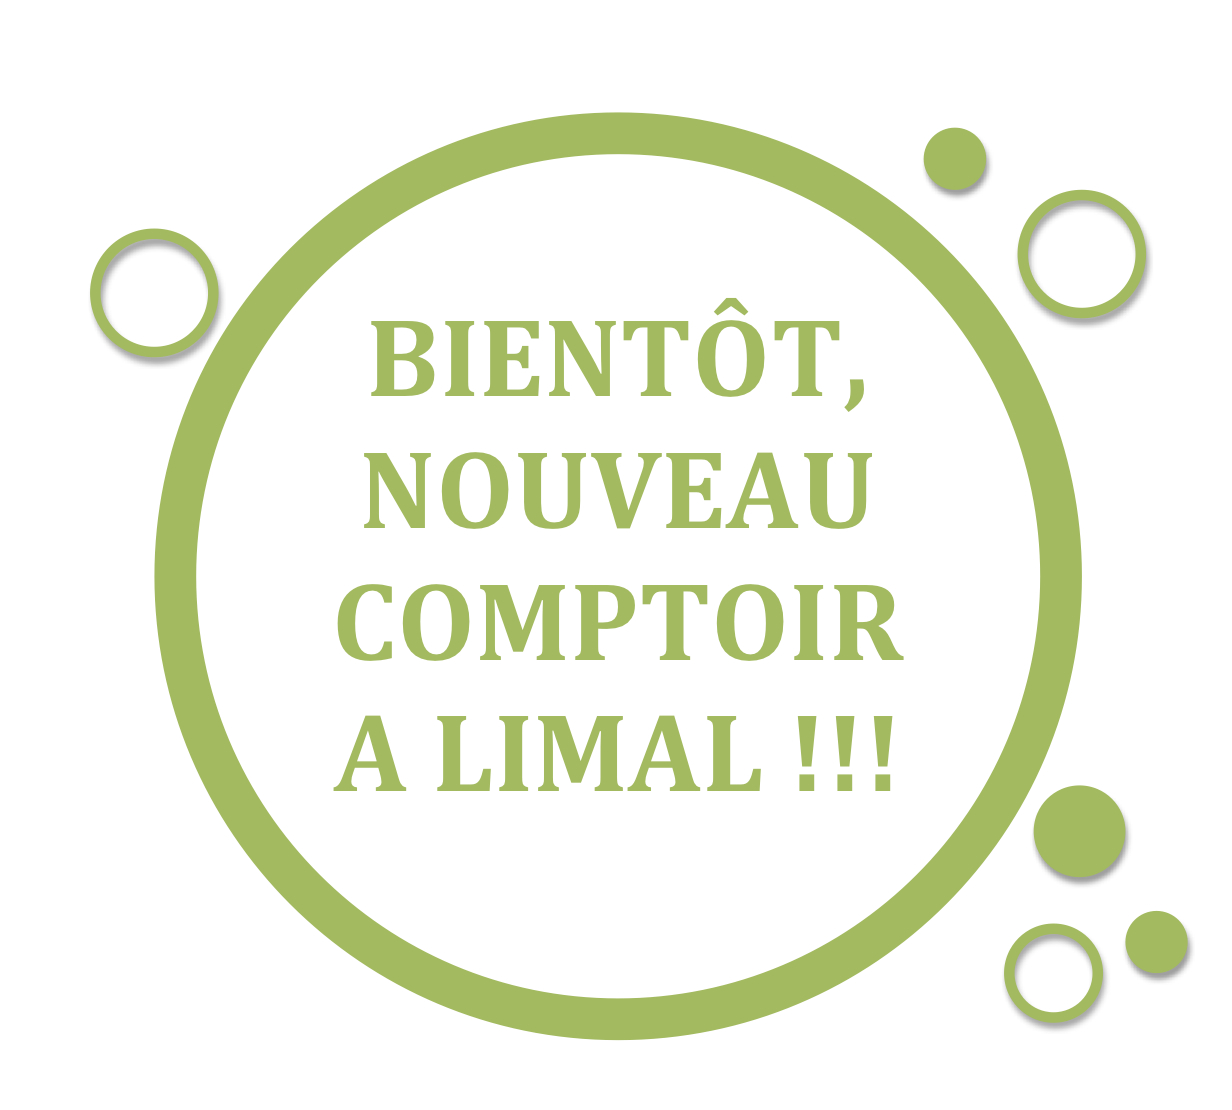 Ouverture d'un nouveau Comptoir à Limal! – Agricovert on